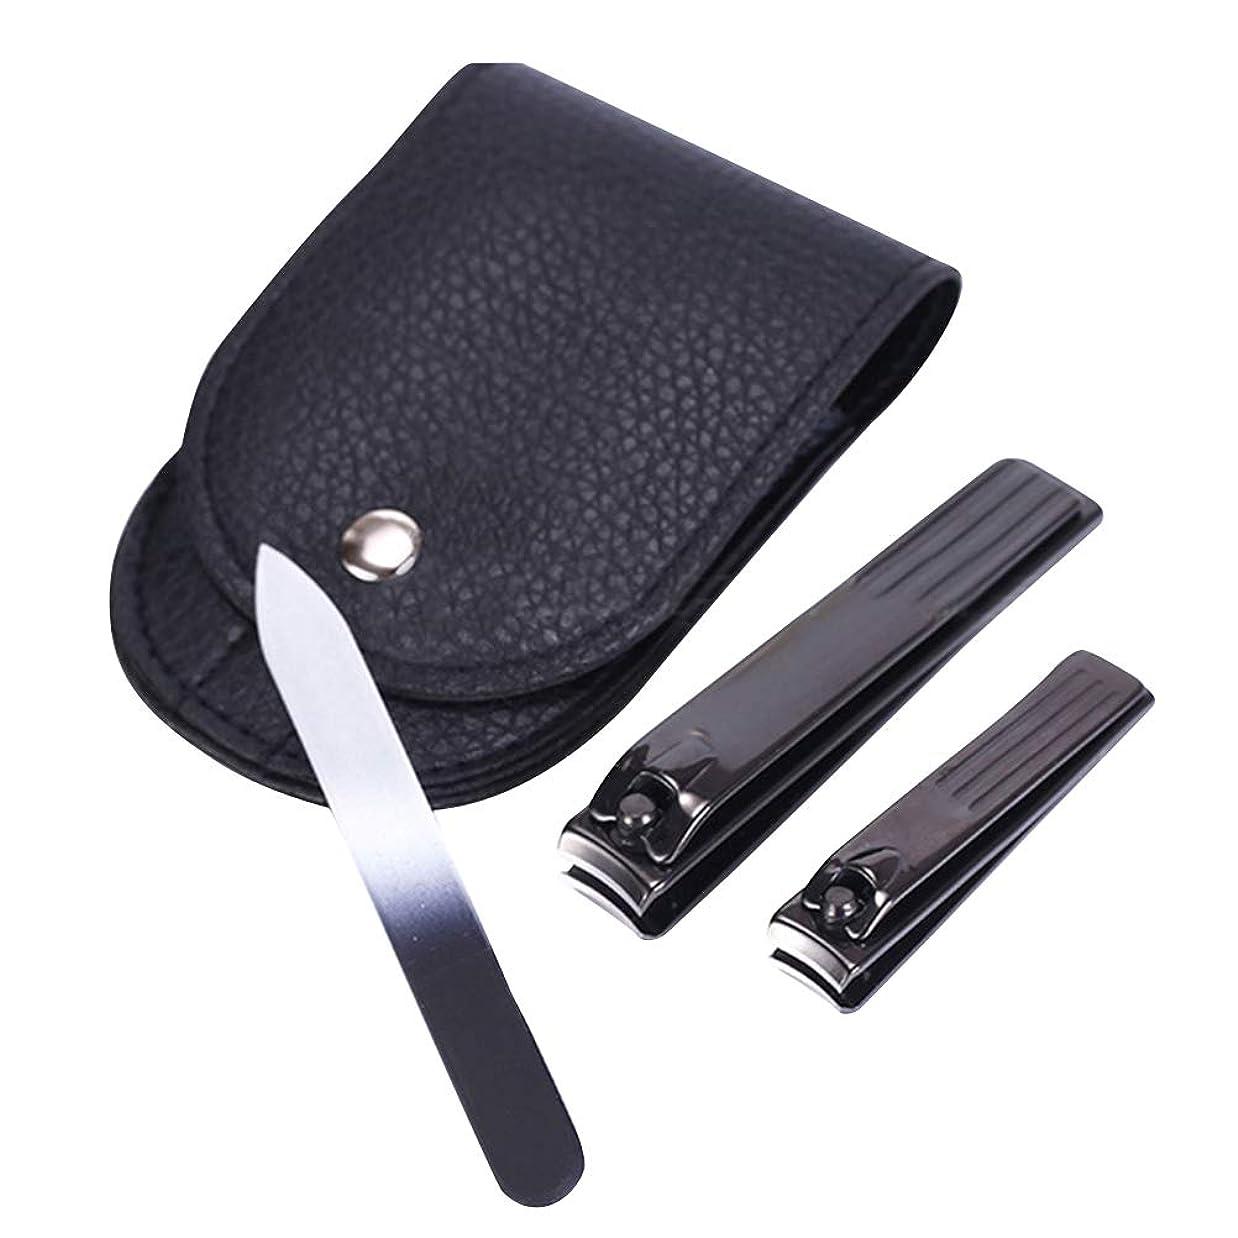 量で額コーンHealifty 3PCSネイルバリカンセットネイルファイルステンレス鋼の足の爪切りバリカンセット爪と形の爪のための革ケース